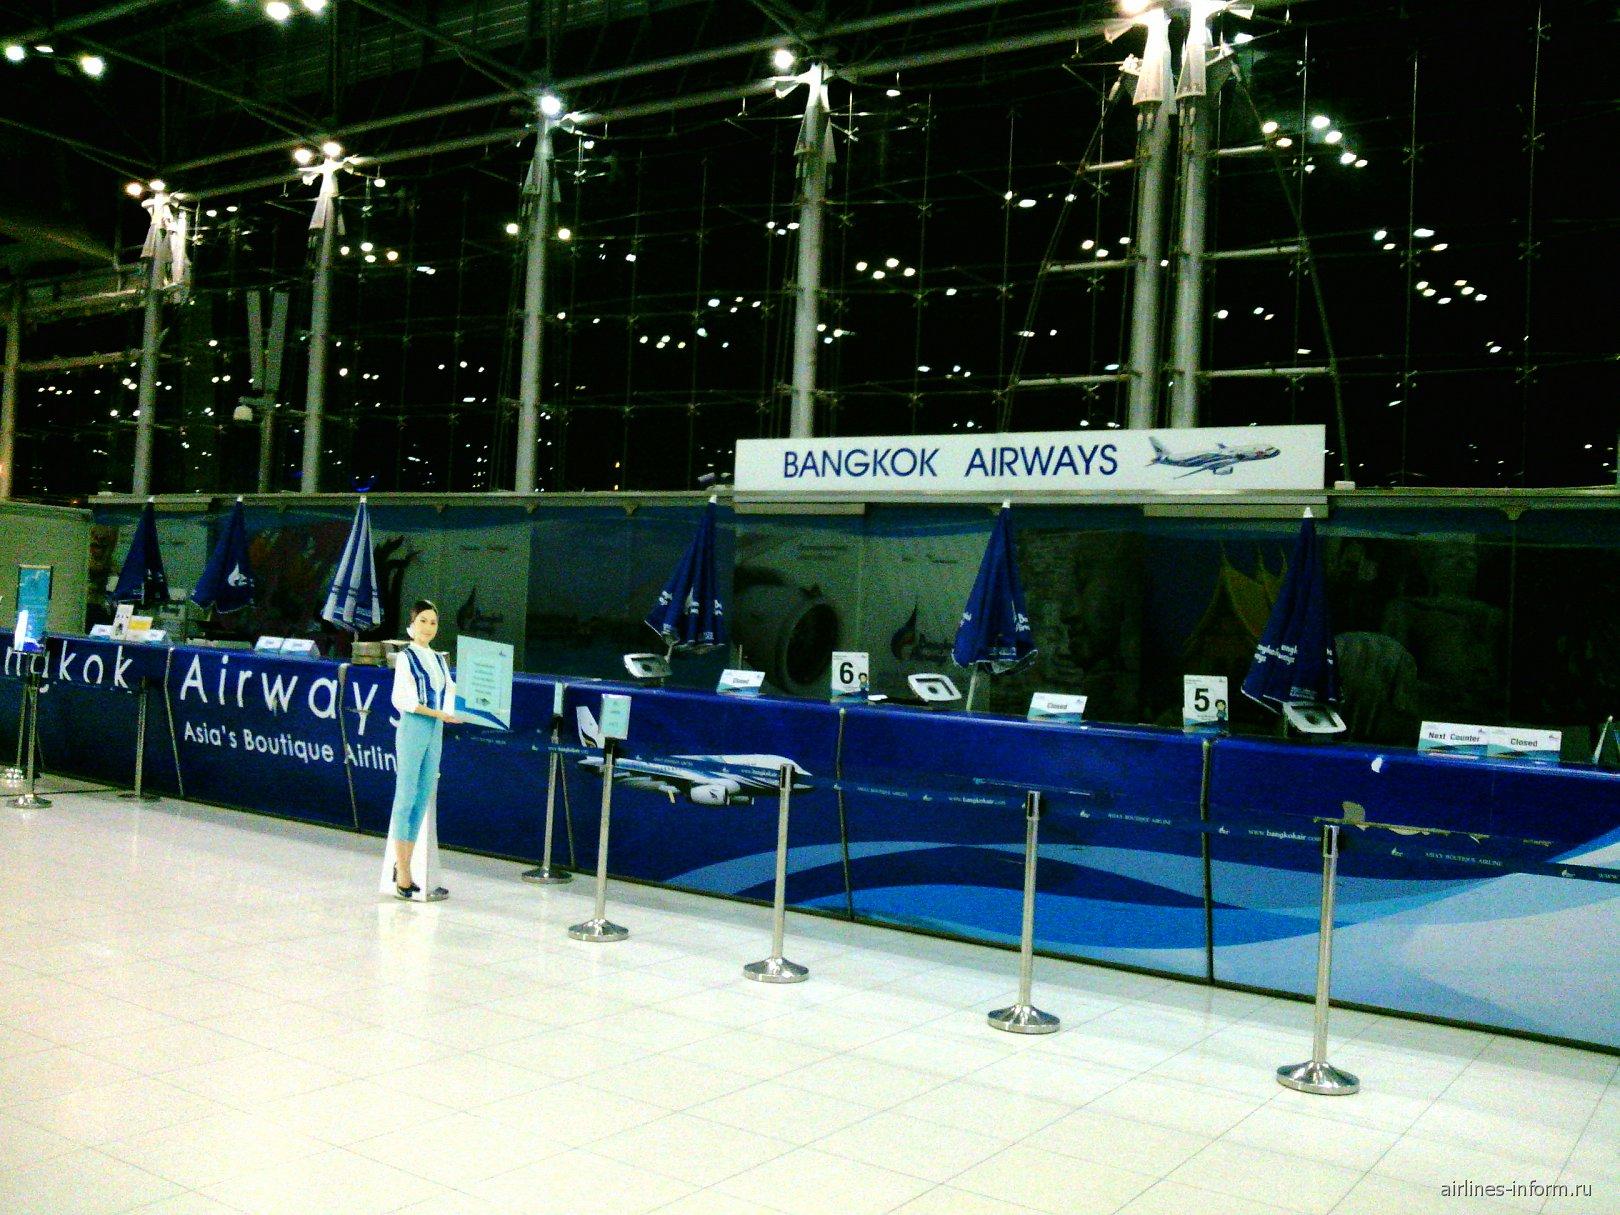 Представительство Bangkok Airways в аэропорту Бангкок Суварнабуми